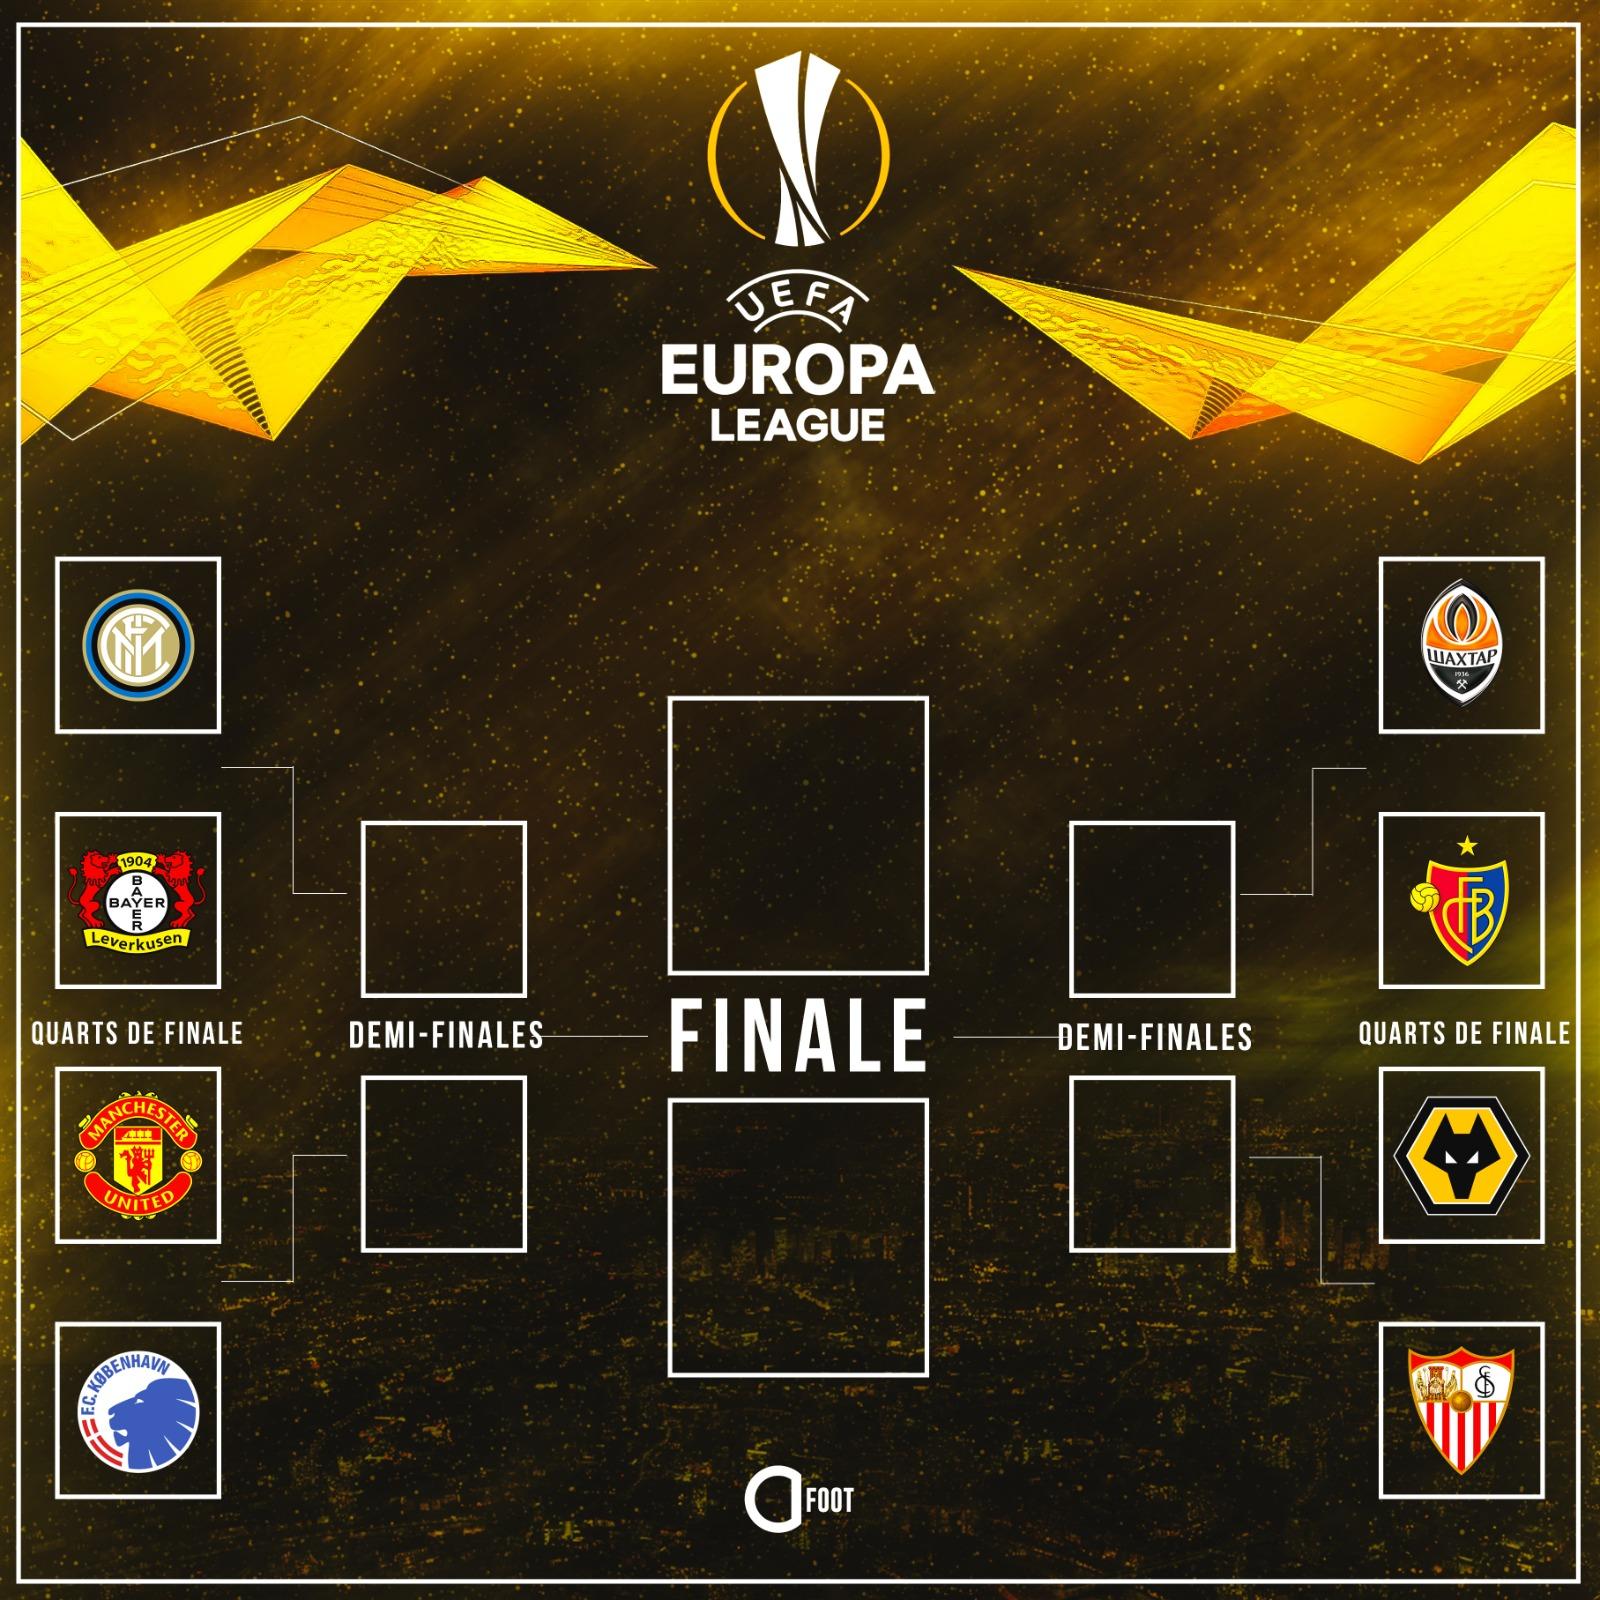 مواجهات رببع نهائي الدوري الأوروبى